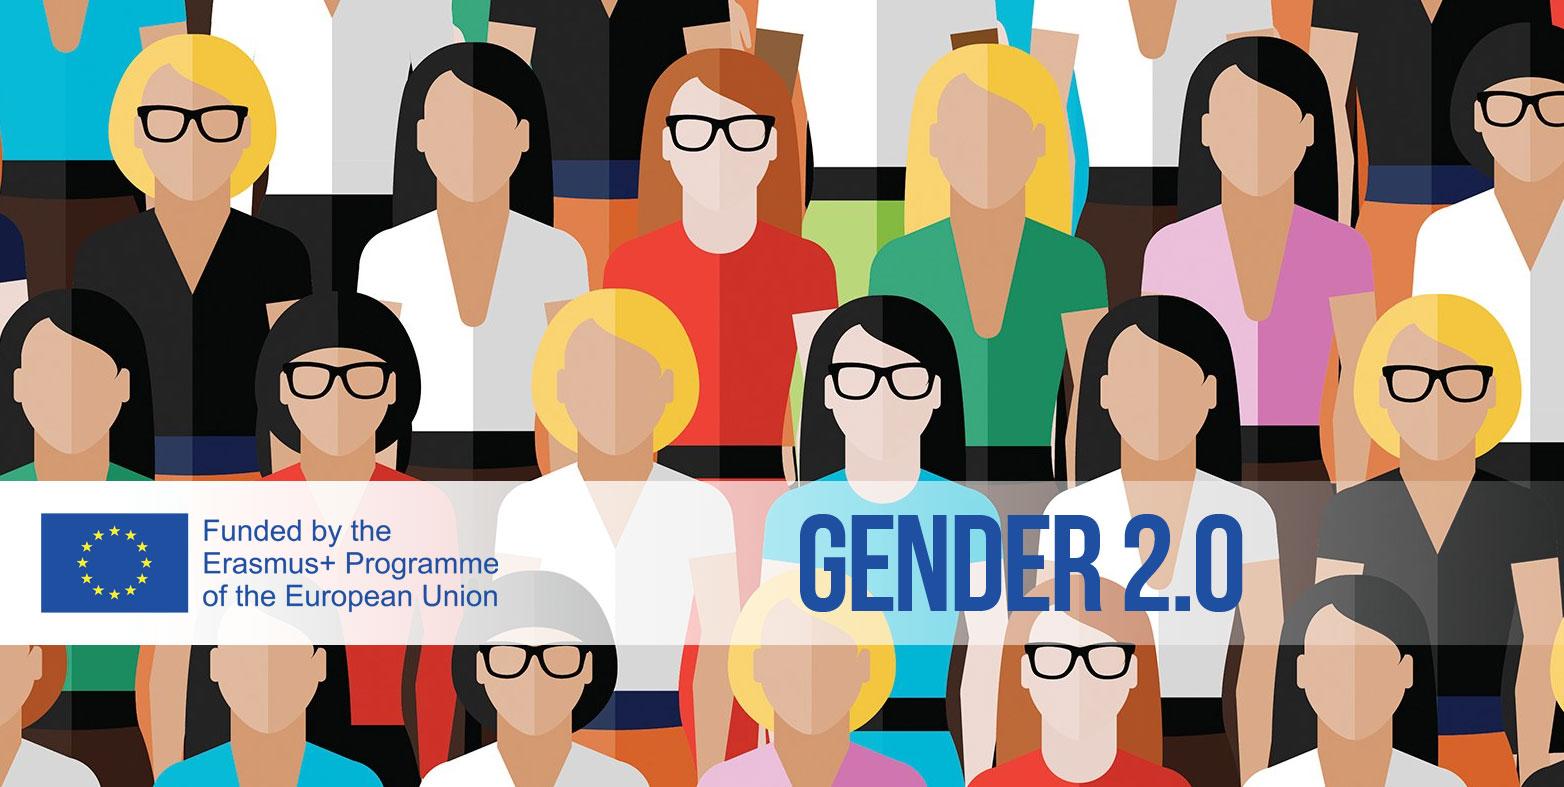 Gender 2.0: Digital Tools for Gender Equality